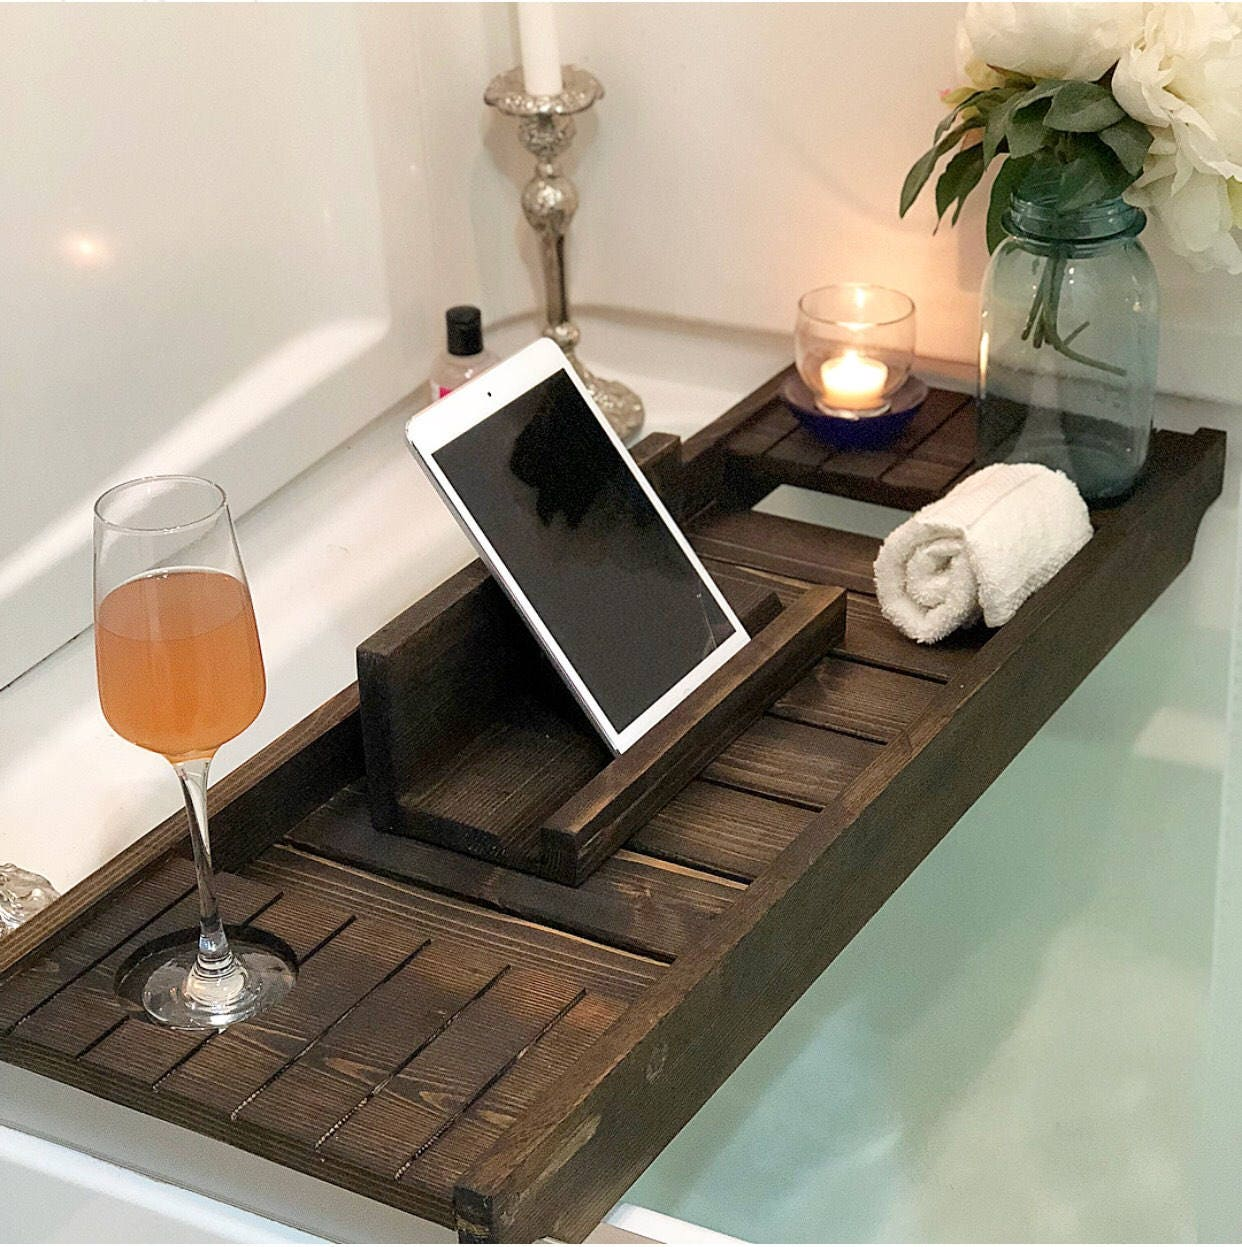 Bath Tray with Wine Holder Bath Caddy Bath Tray with IPad